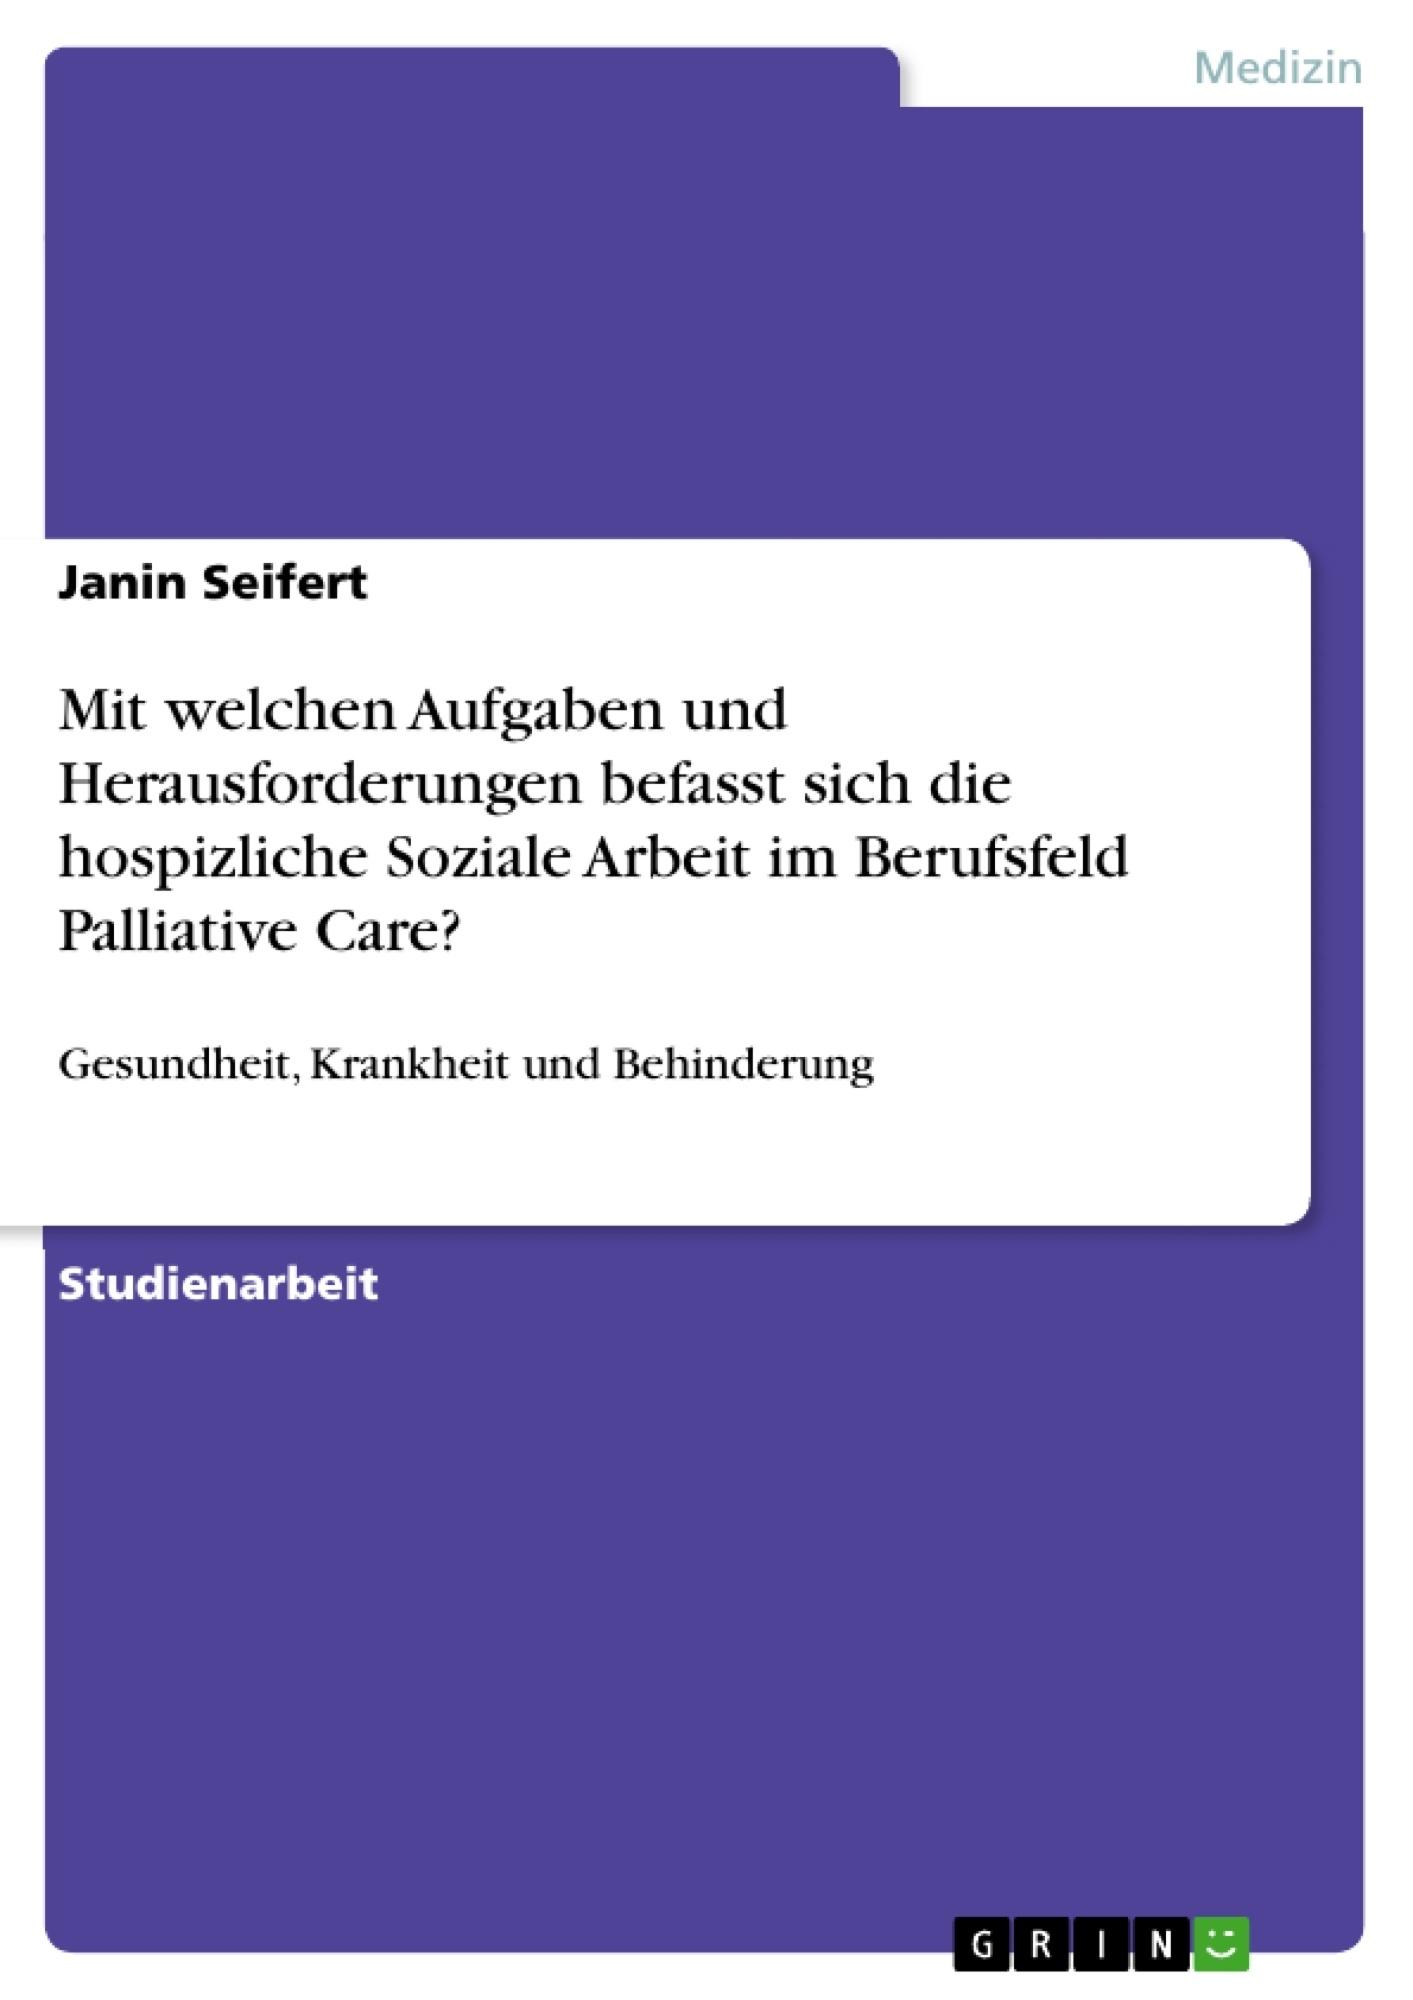 Titel: Mit welchen Aufgaben und Herausforderungen befasst sich die hospizliche Soziale Arbeit im Berufsfeld Palliative Care?